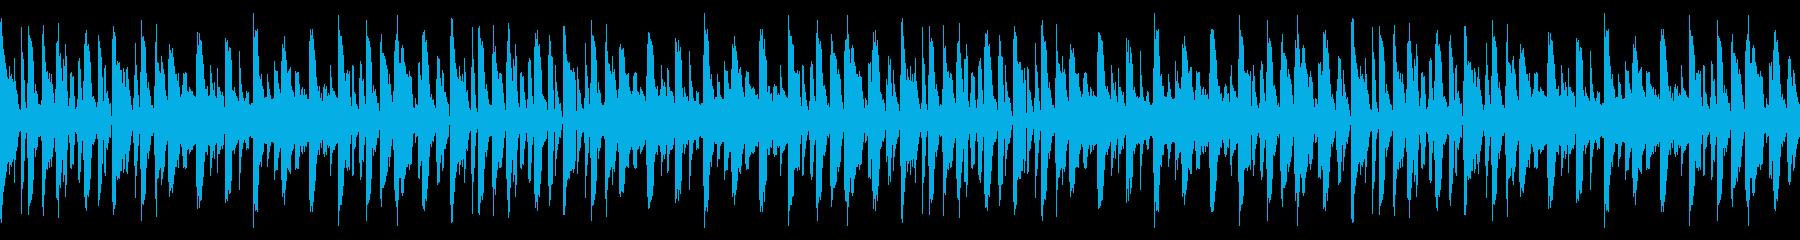 ホッピングループの再生済みの波形